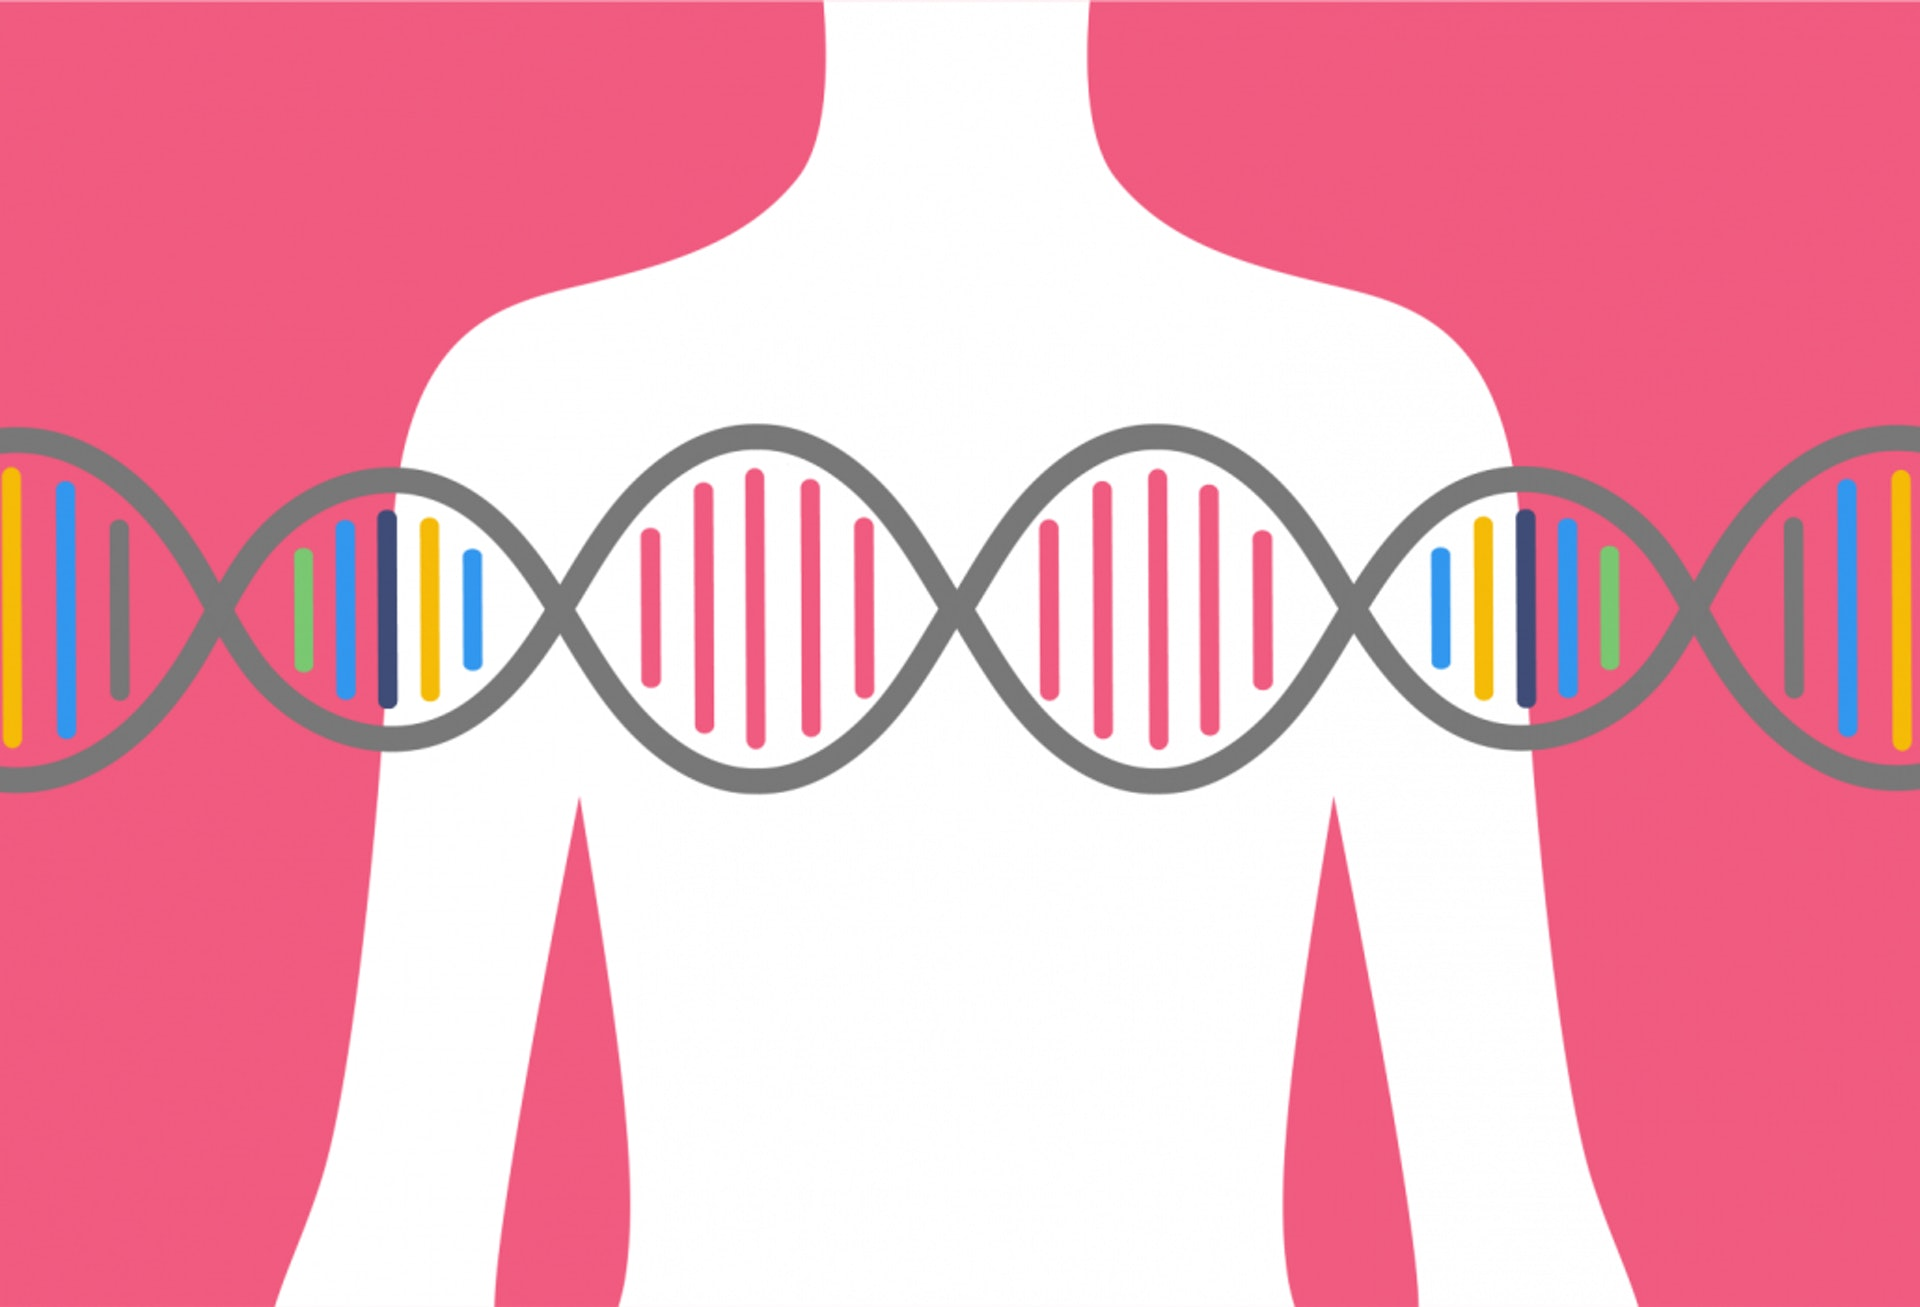 帶有遺傳性基因的女性,患上癌症的風險更高。(圖片:geneticliteracyproject.org)